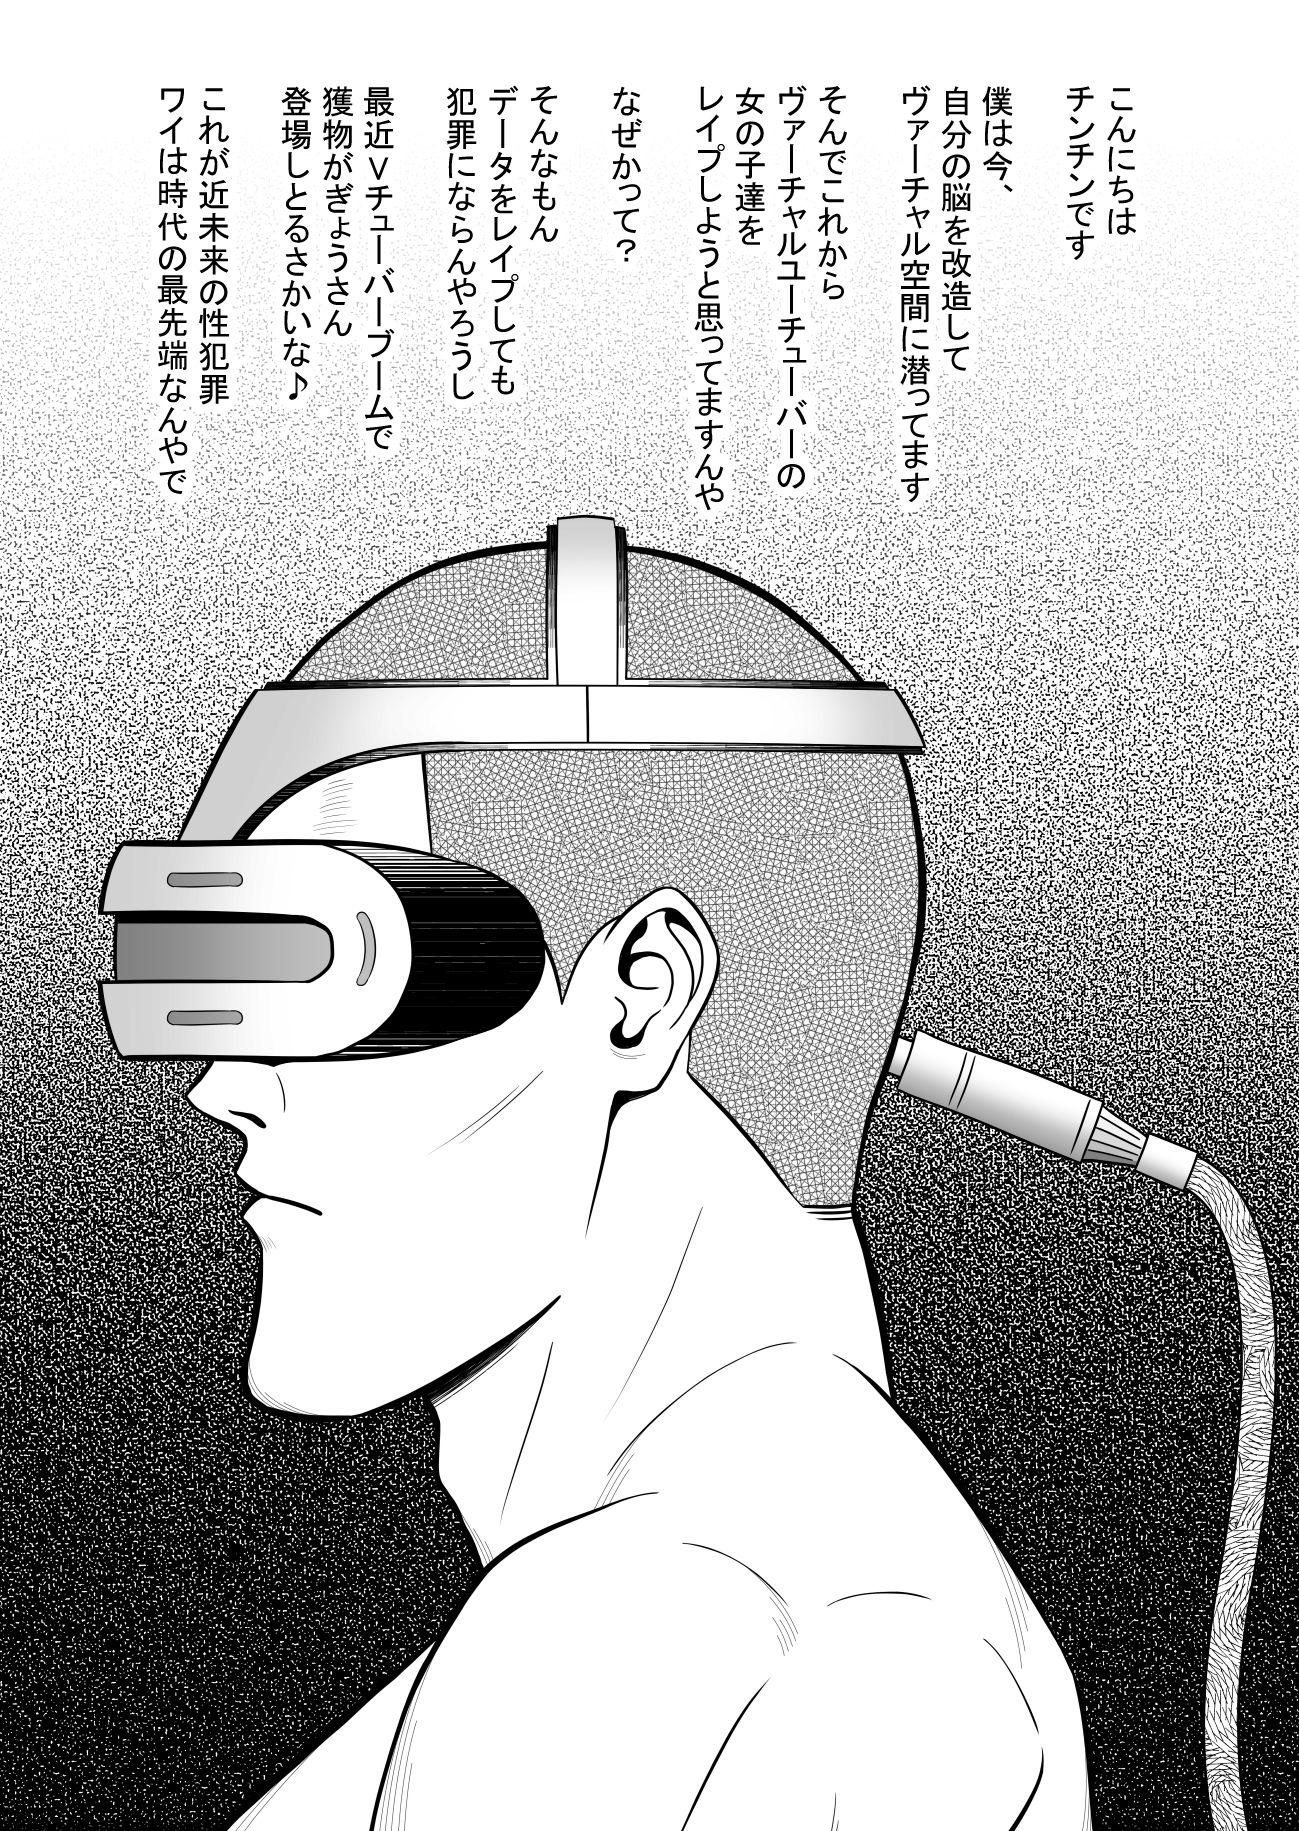 【マラックマ 同人】【無料】バーチャルレイパー